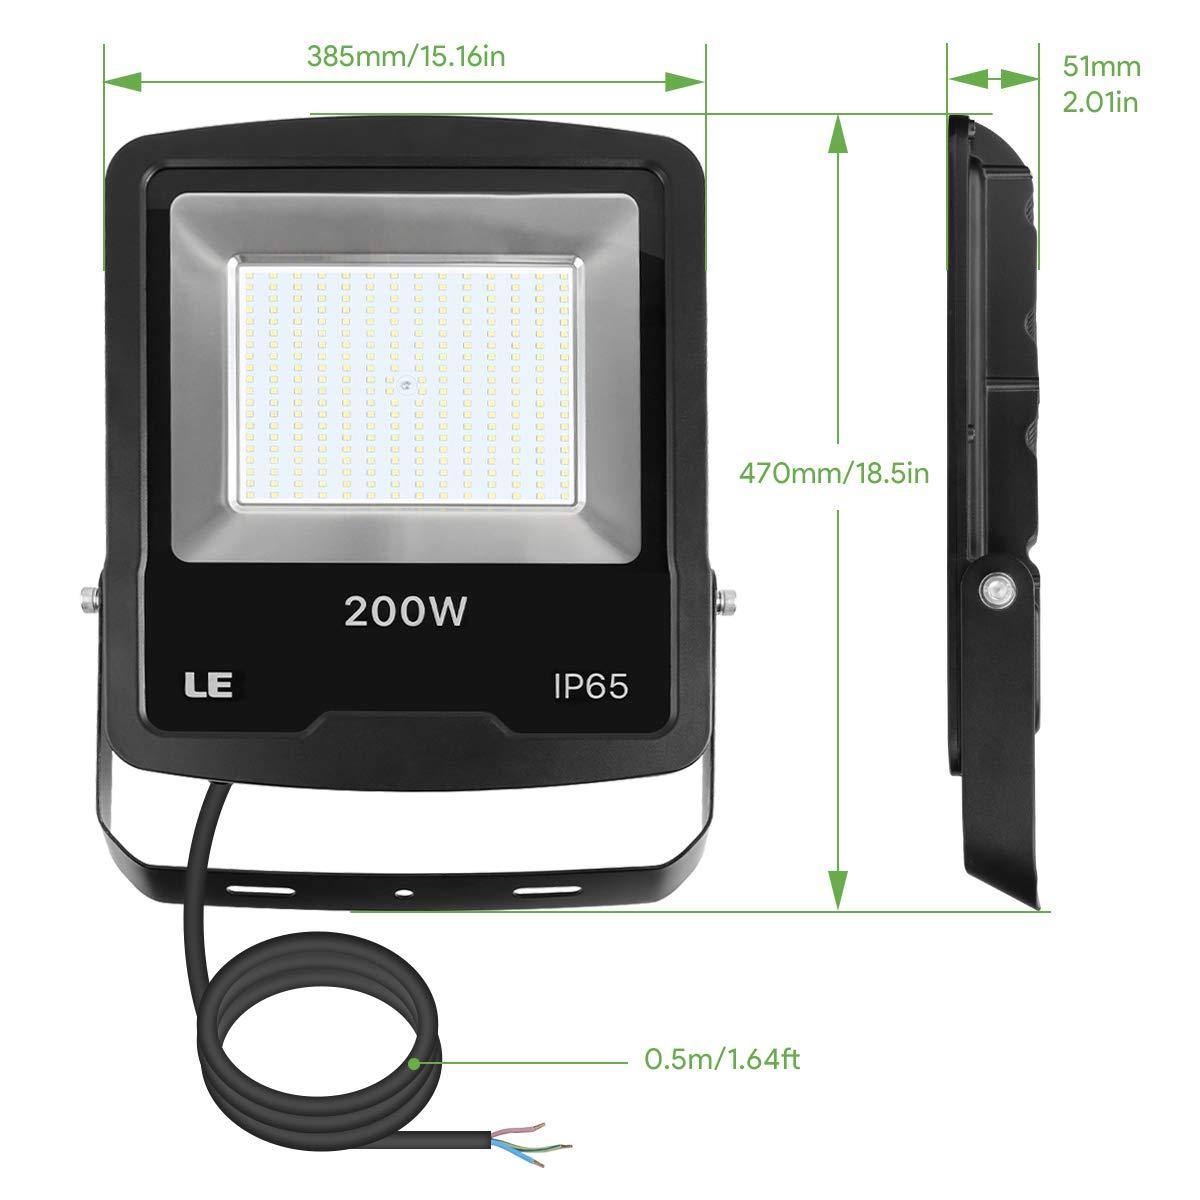 etc 16000 l/úmenes Resistente al agua IP65 para Almacenes Estadios LE Foco LED Proyector Pack de 2 Jardines Luces Exteriores 200W Equivalente 600W SAP Blanco fr/ío 6500K